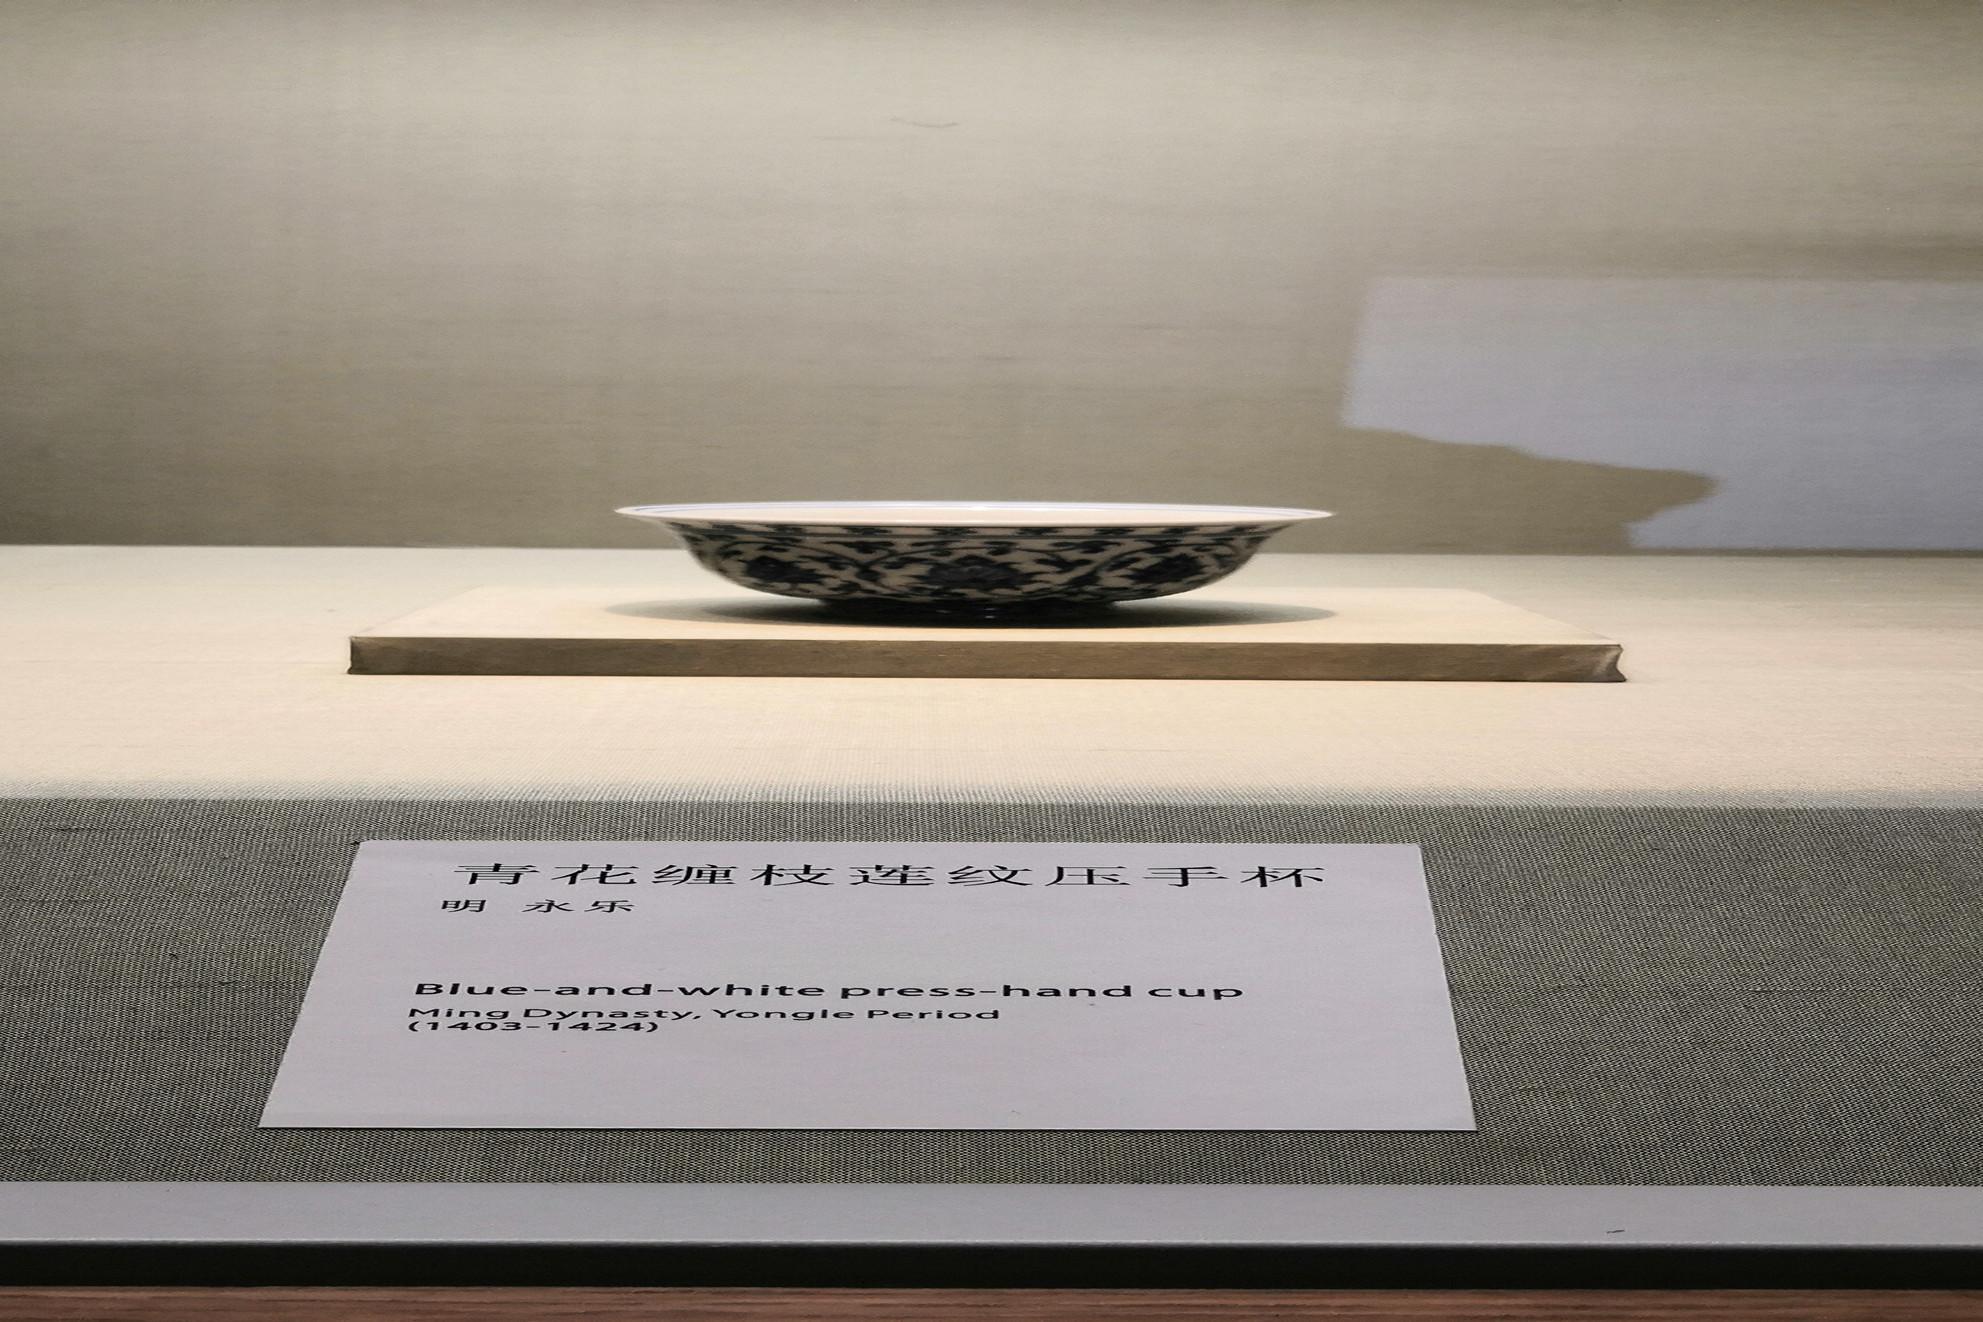 【陕西是我家】重游建筑大师杰作苏州博物馆之 陶冶之珍明清瓷器